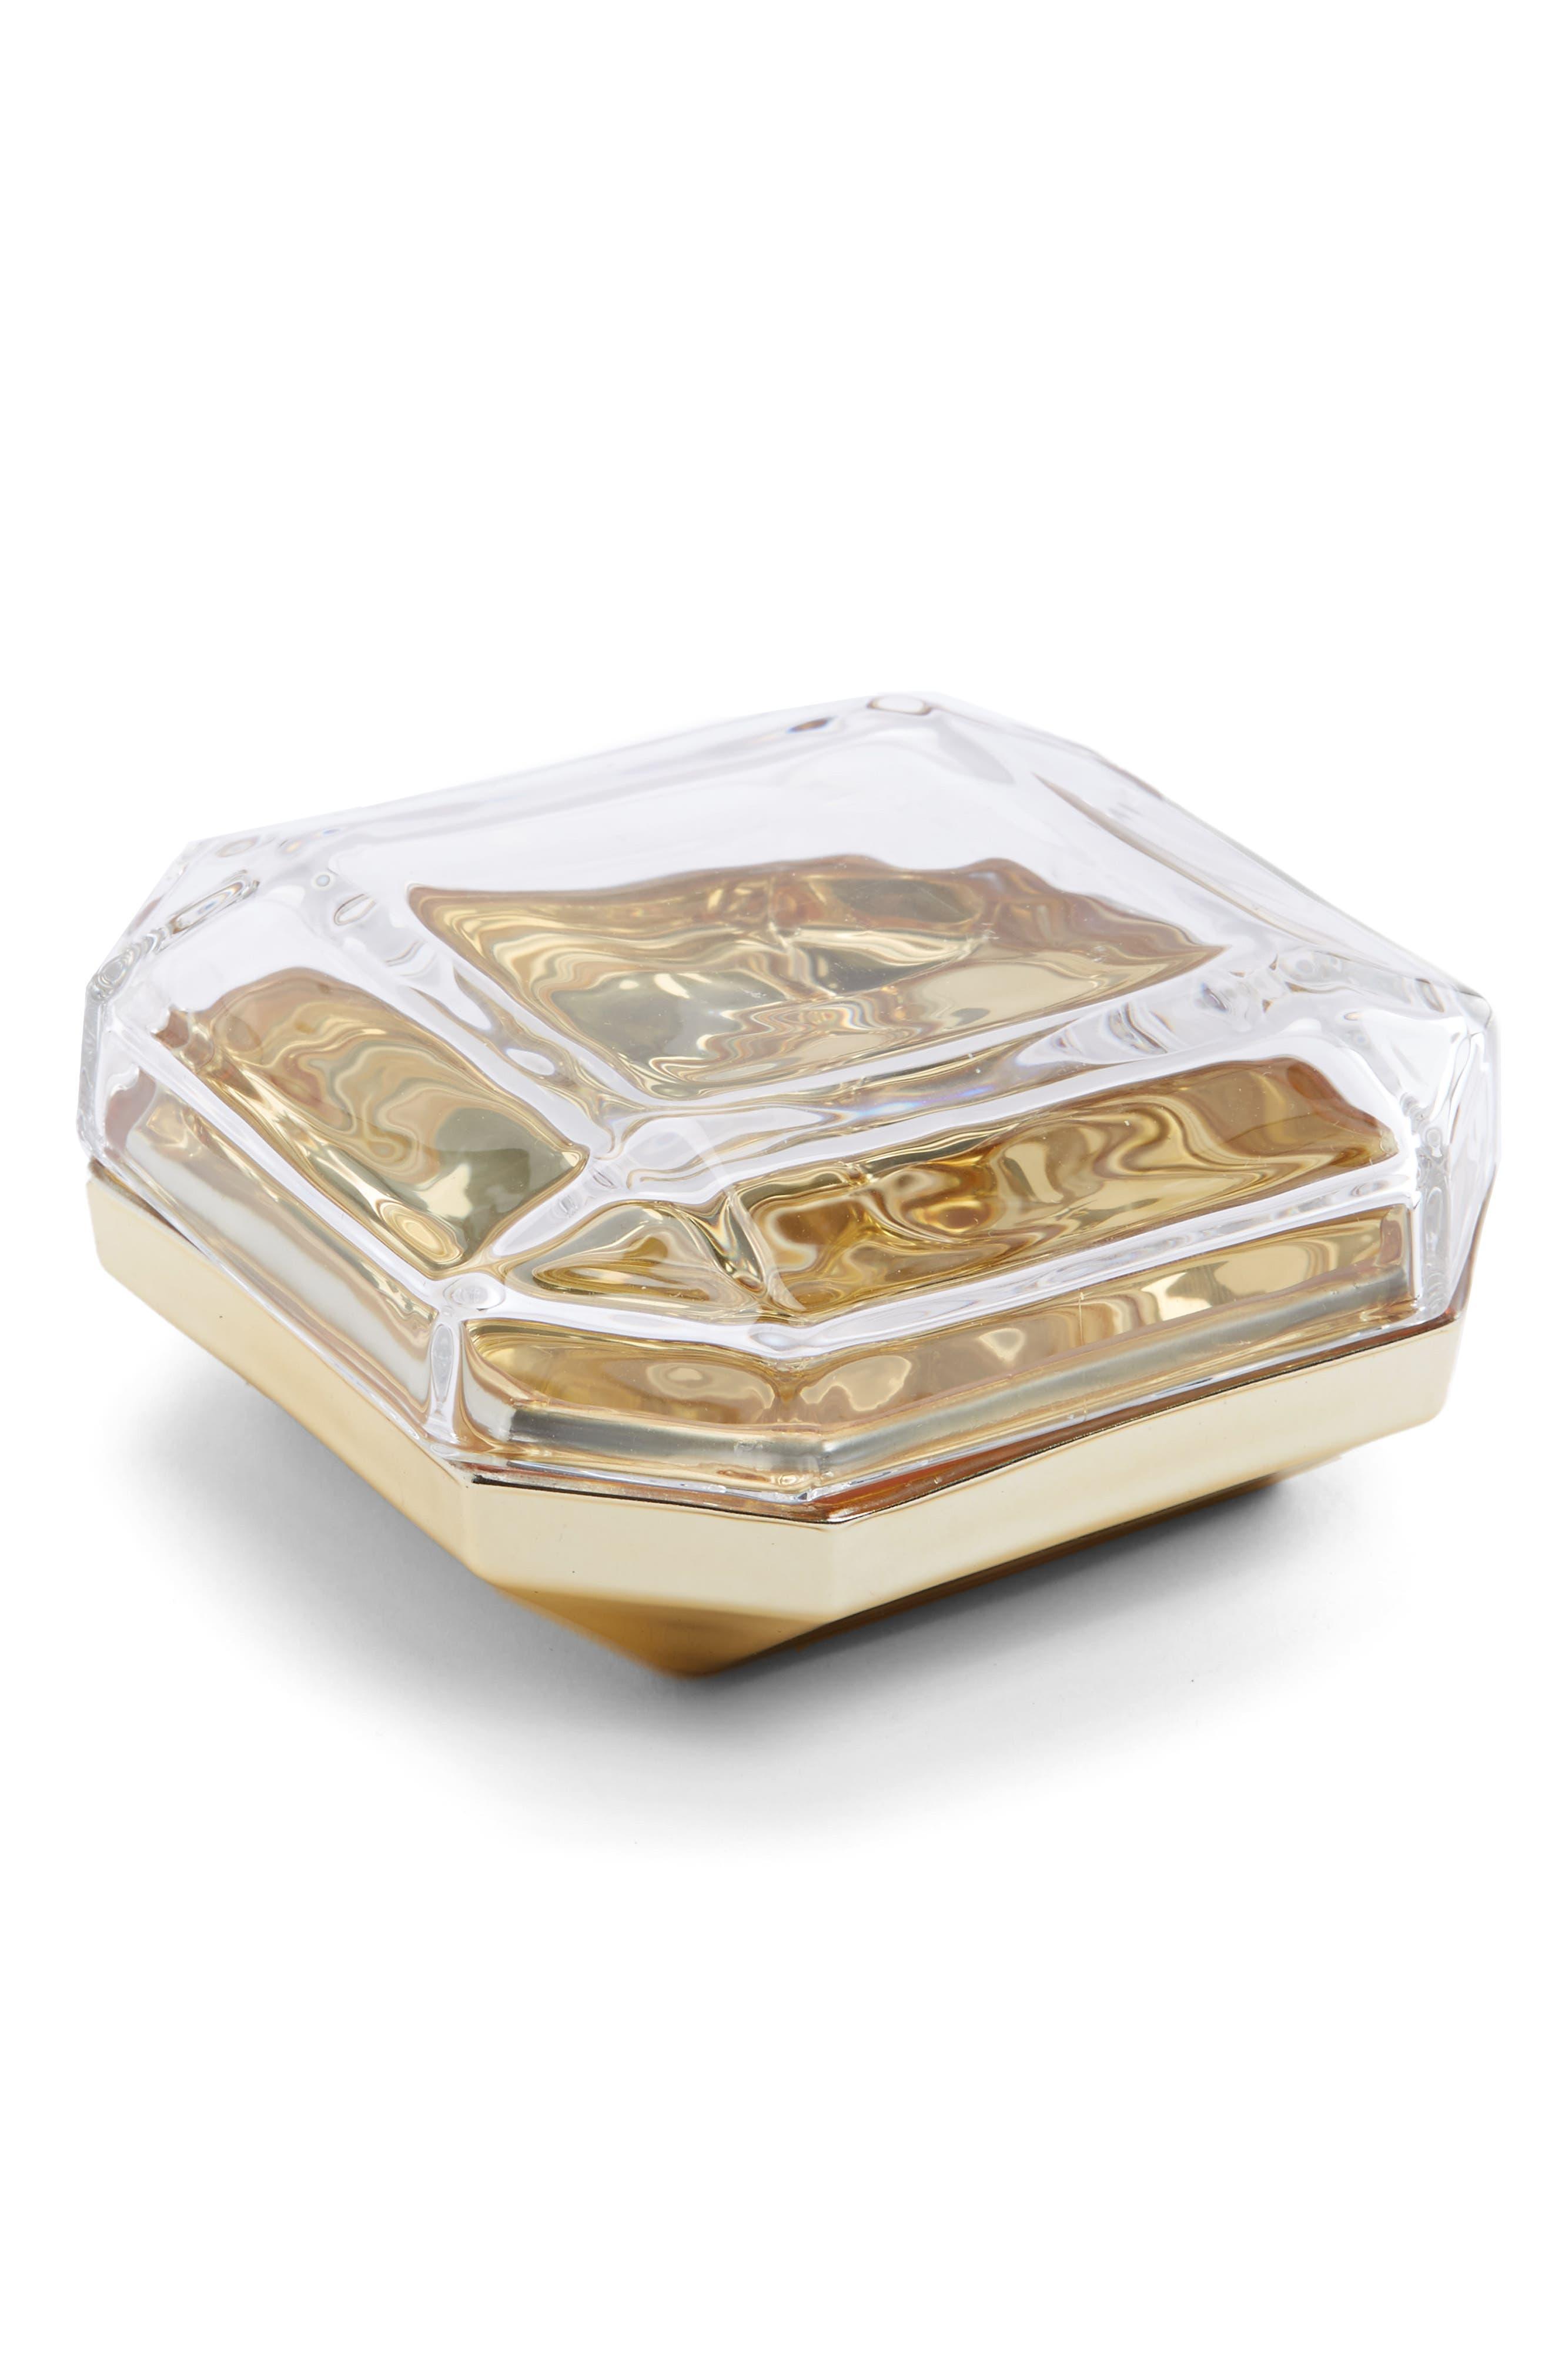 Asscher Lidded Glass Box,                         Main,                         color, Gold/ Clear